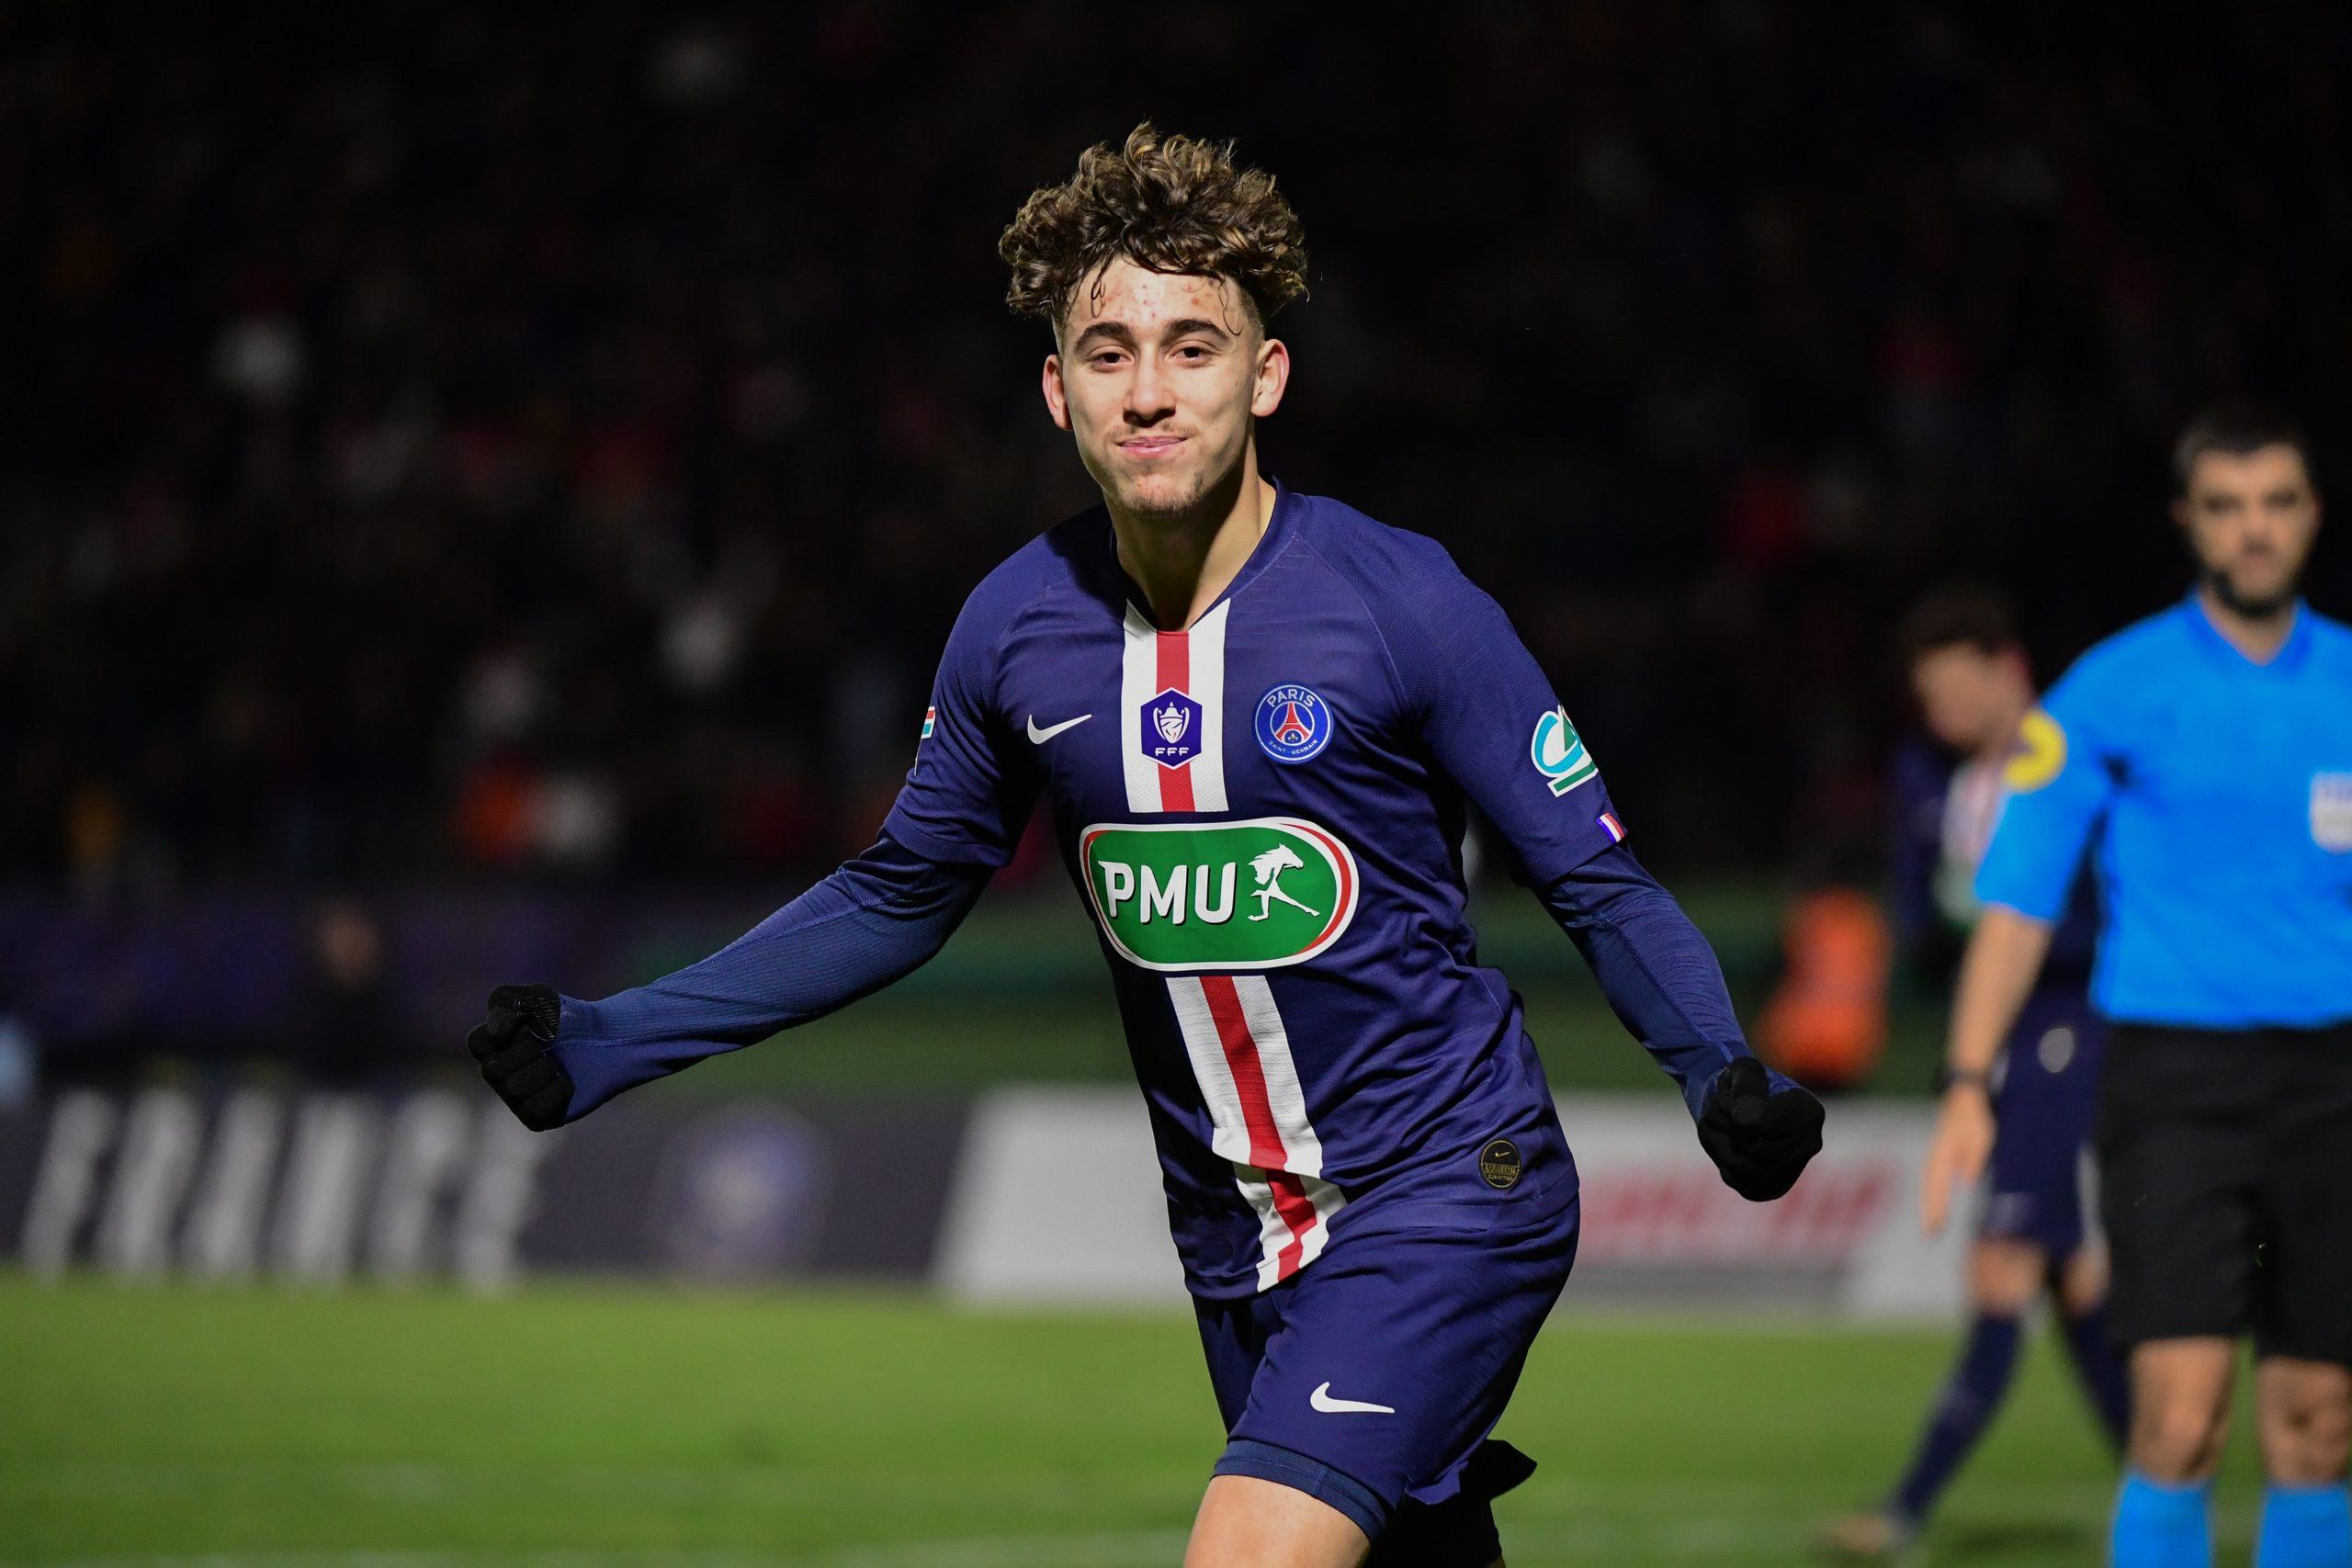 Officiel - Aouchiche signe son premier contrat professionnel à l'AS Saint-Etienne